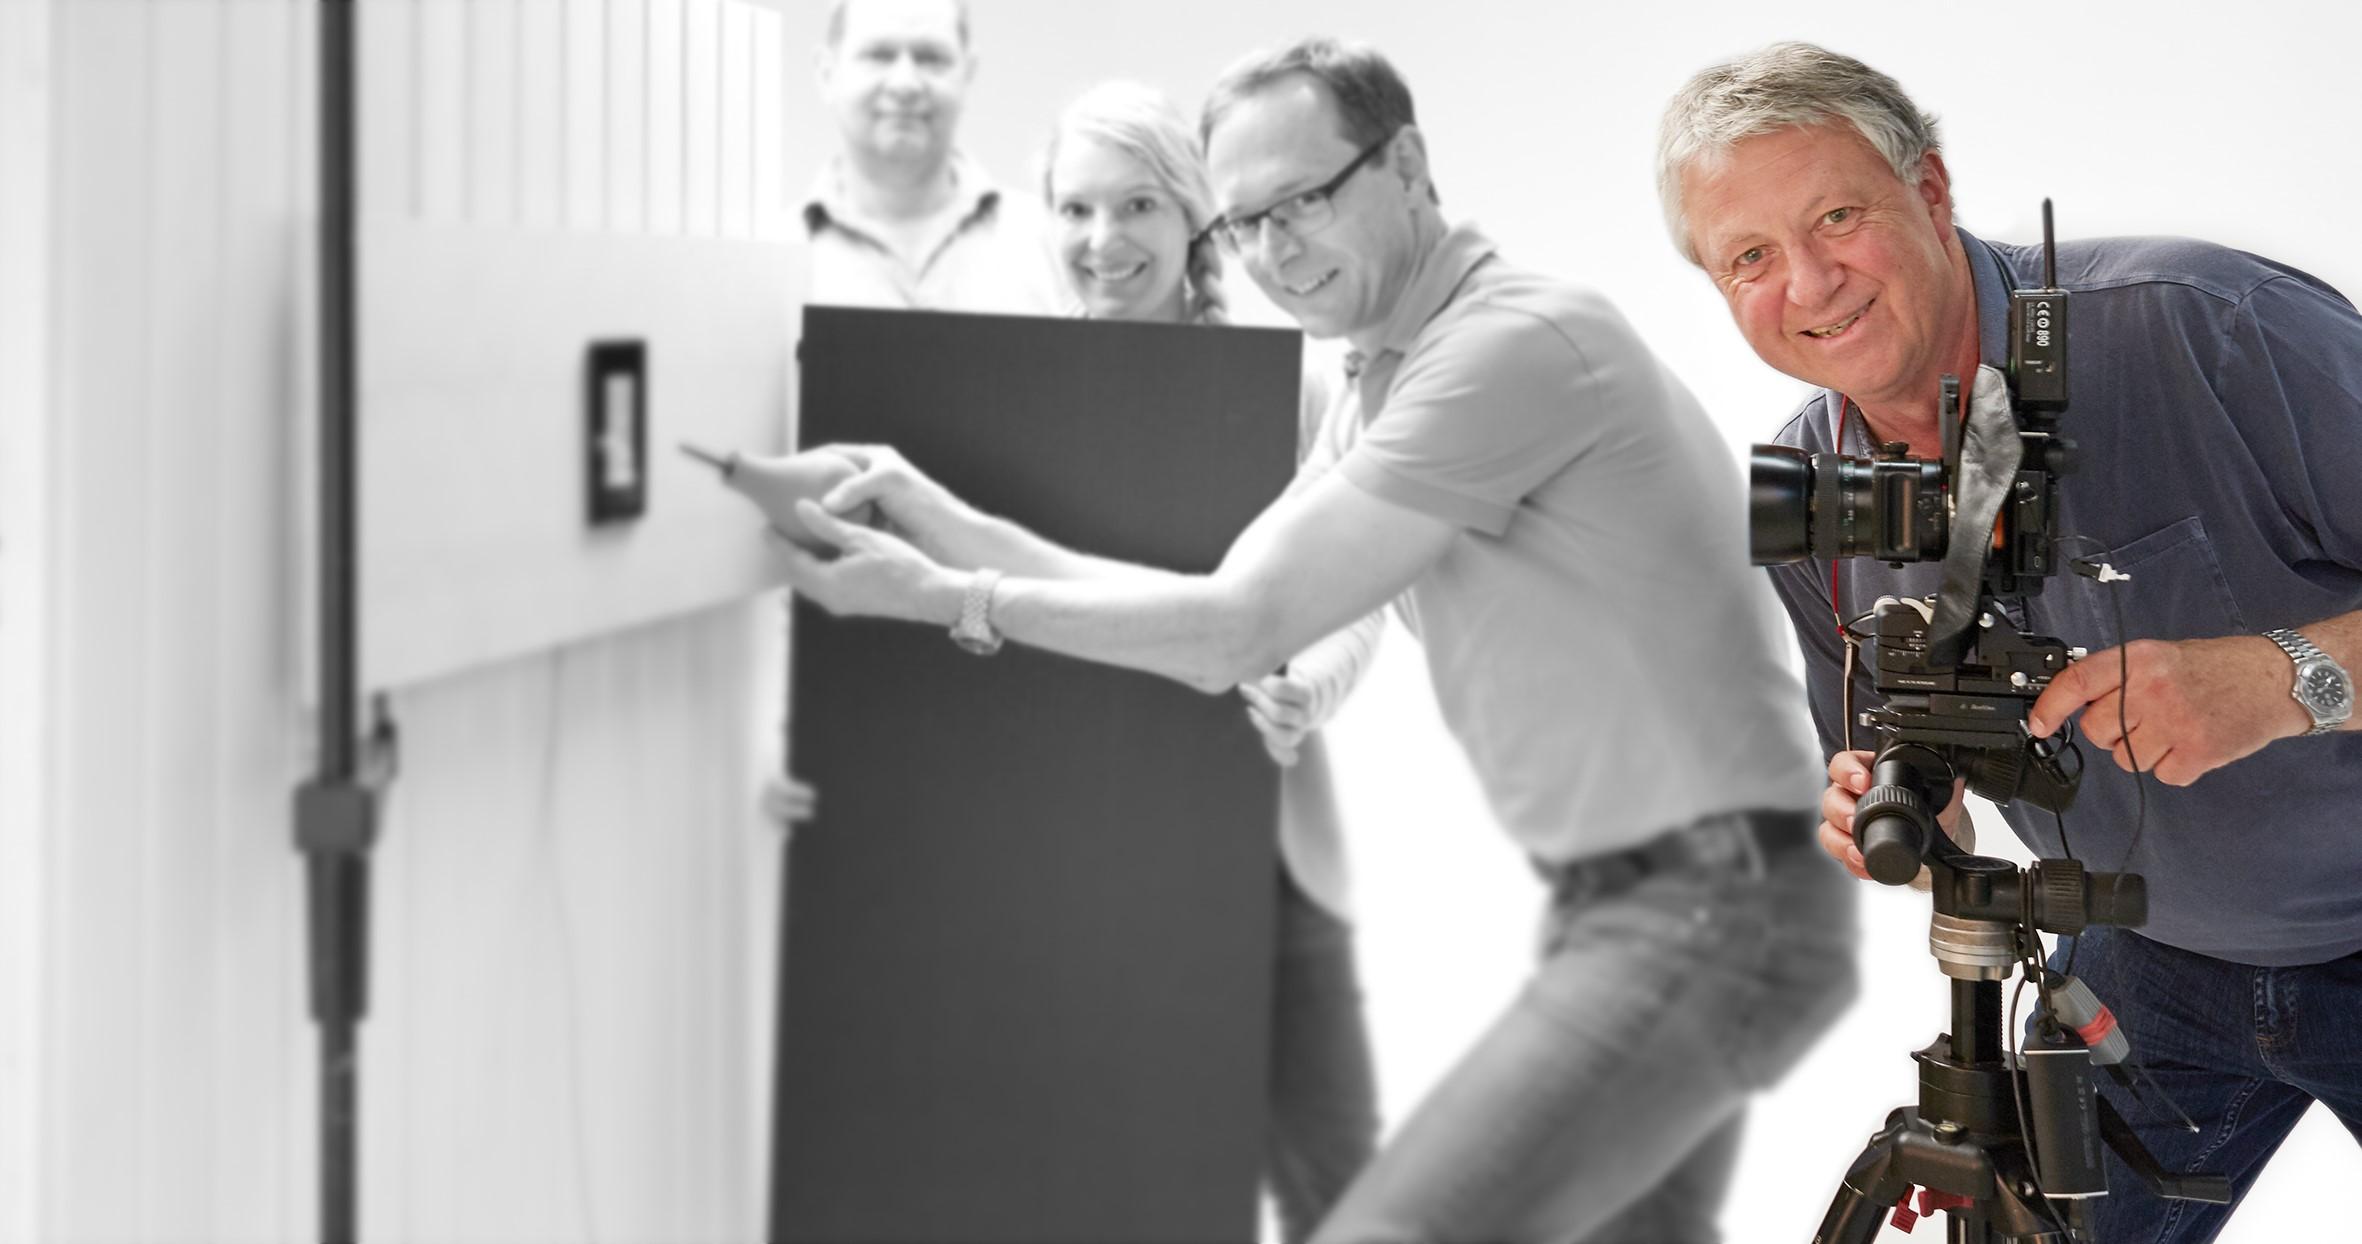 Fotograf Hannes Resch bei einem Kunden